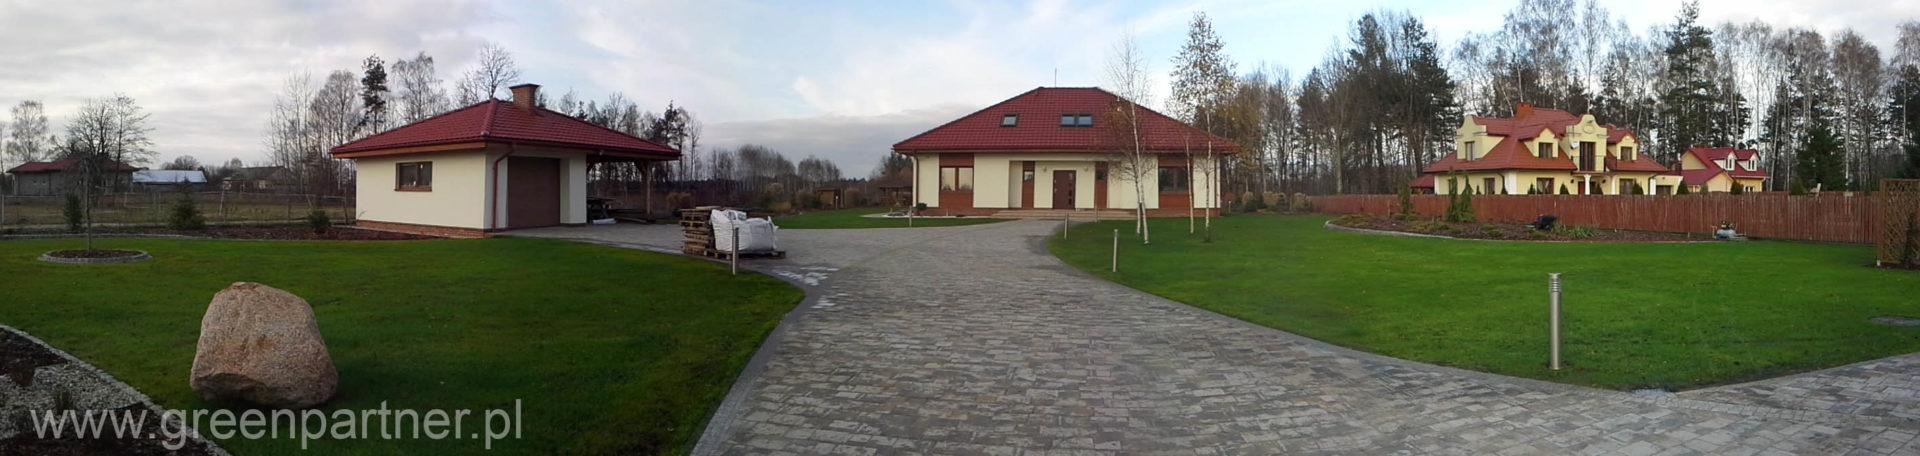 Ogród w Stanisławowie